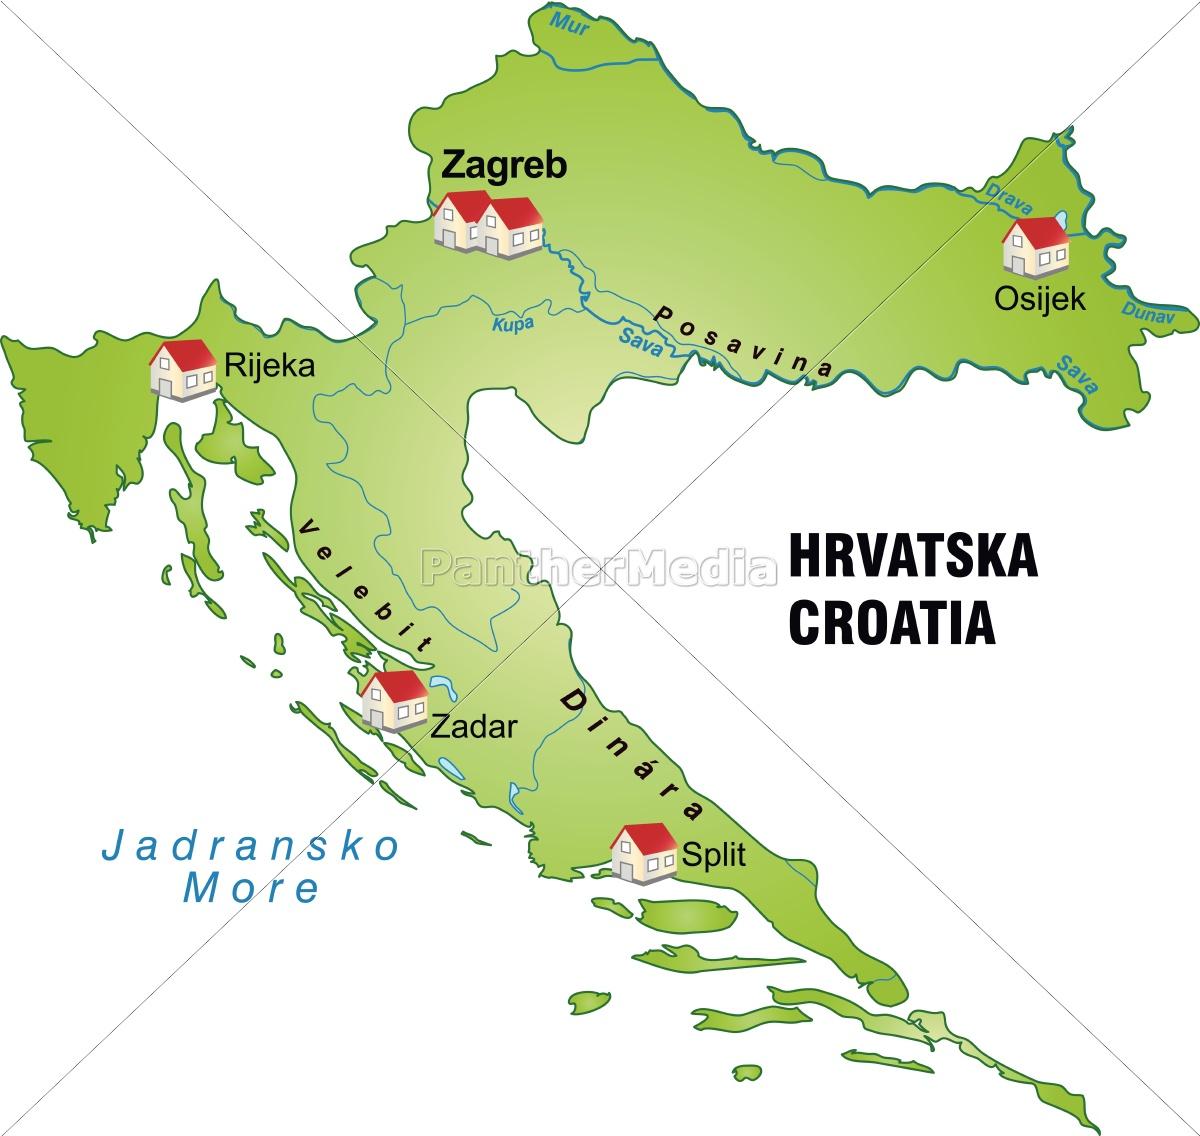 Kort Over Kroatien Som En Infografik I Gron Royalty Free Image